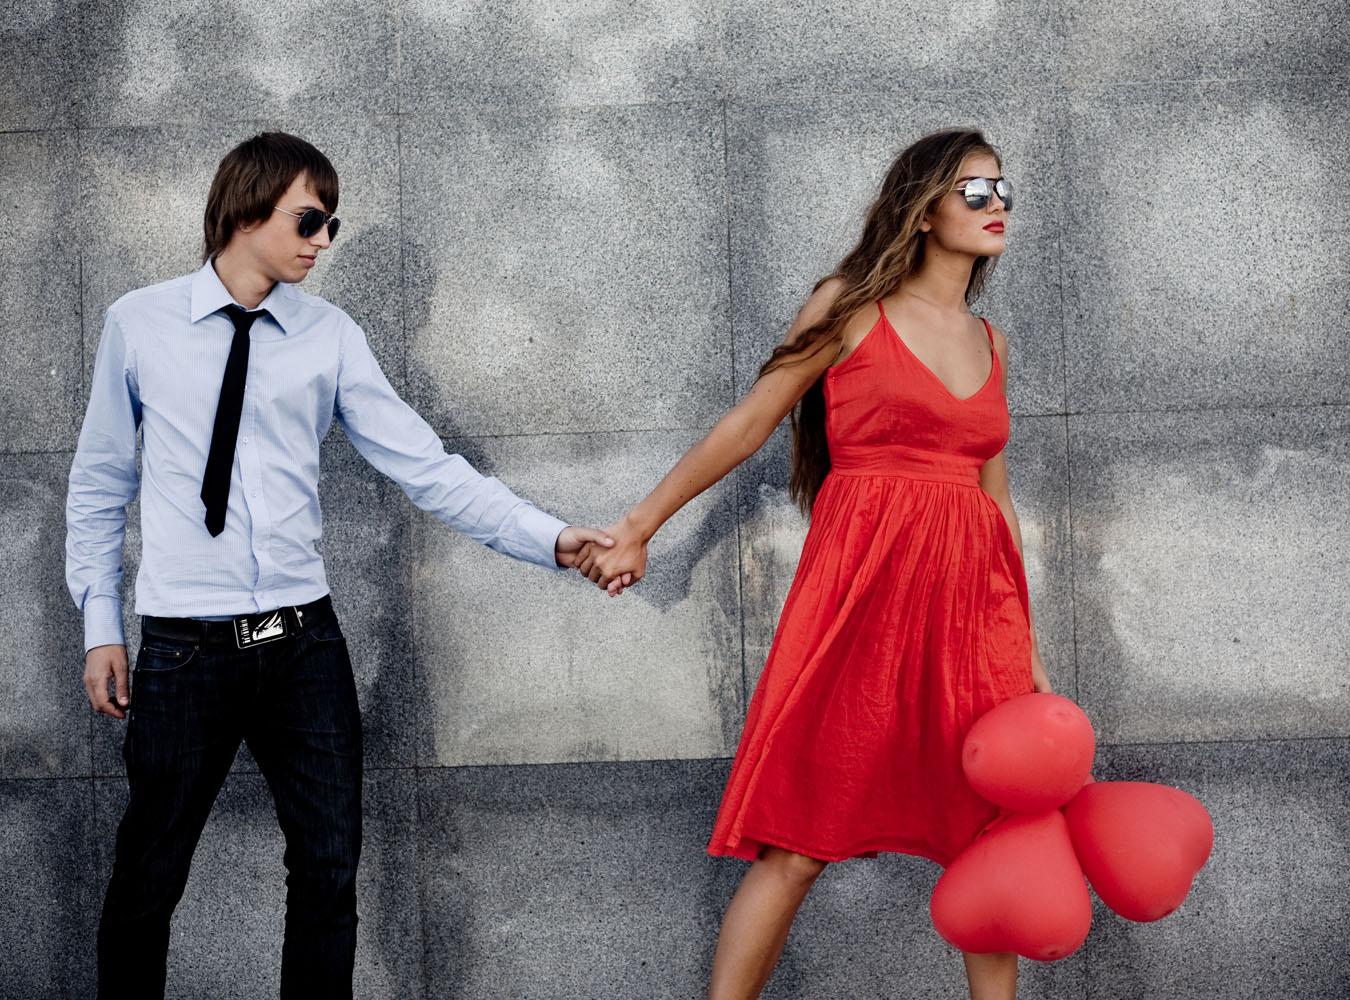 francuski serwis randkowy żonaty